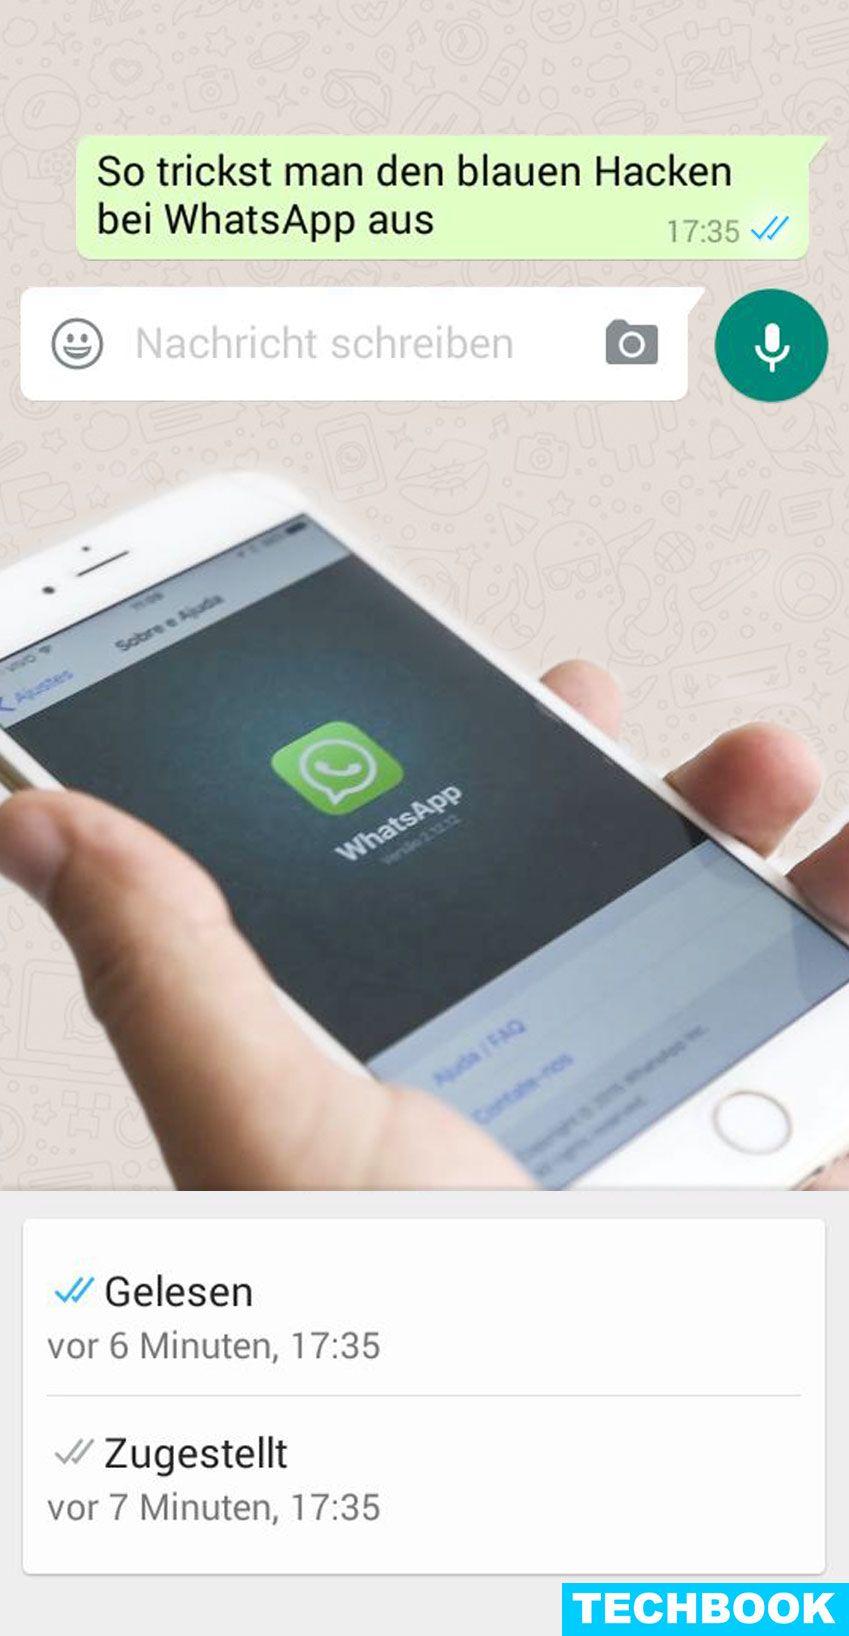 So Trickst Man Den Blauen Haken Bei Whatsapp Aus Whatsapp Tipps Whatsapp Tricks Tipps